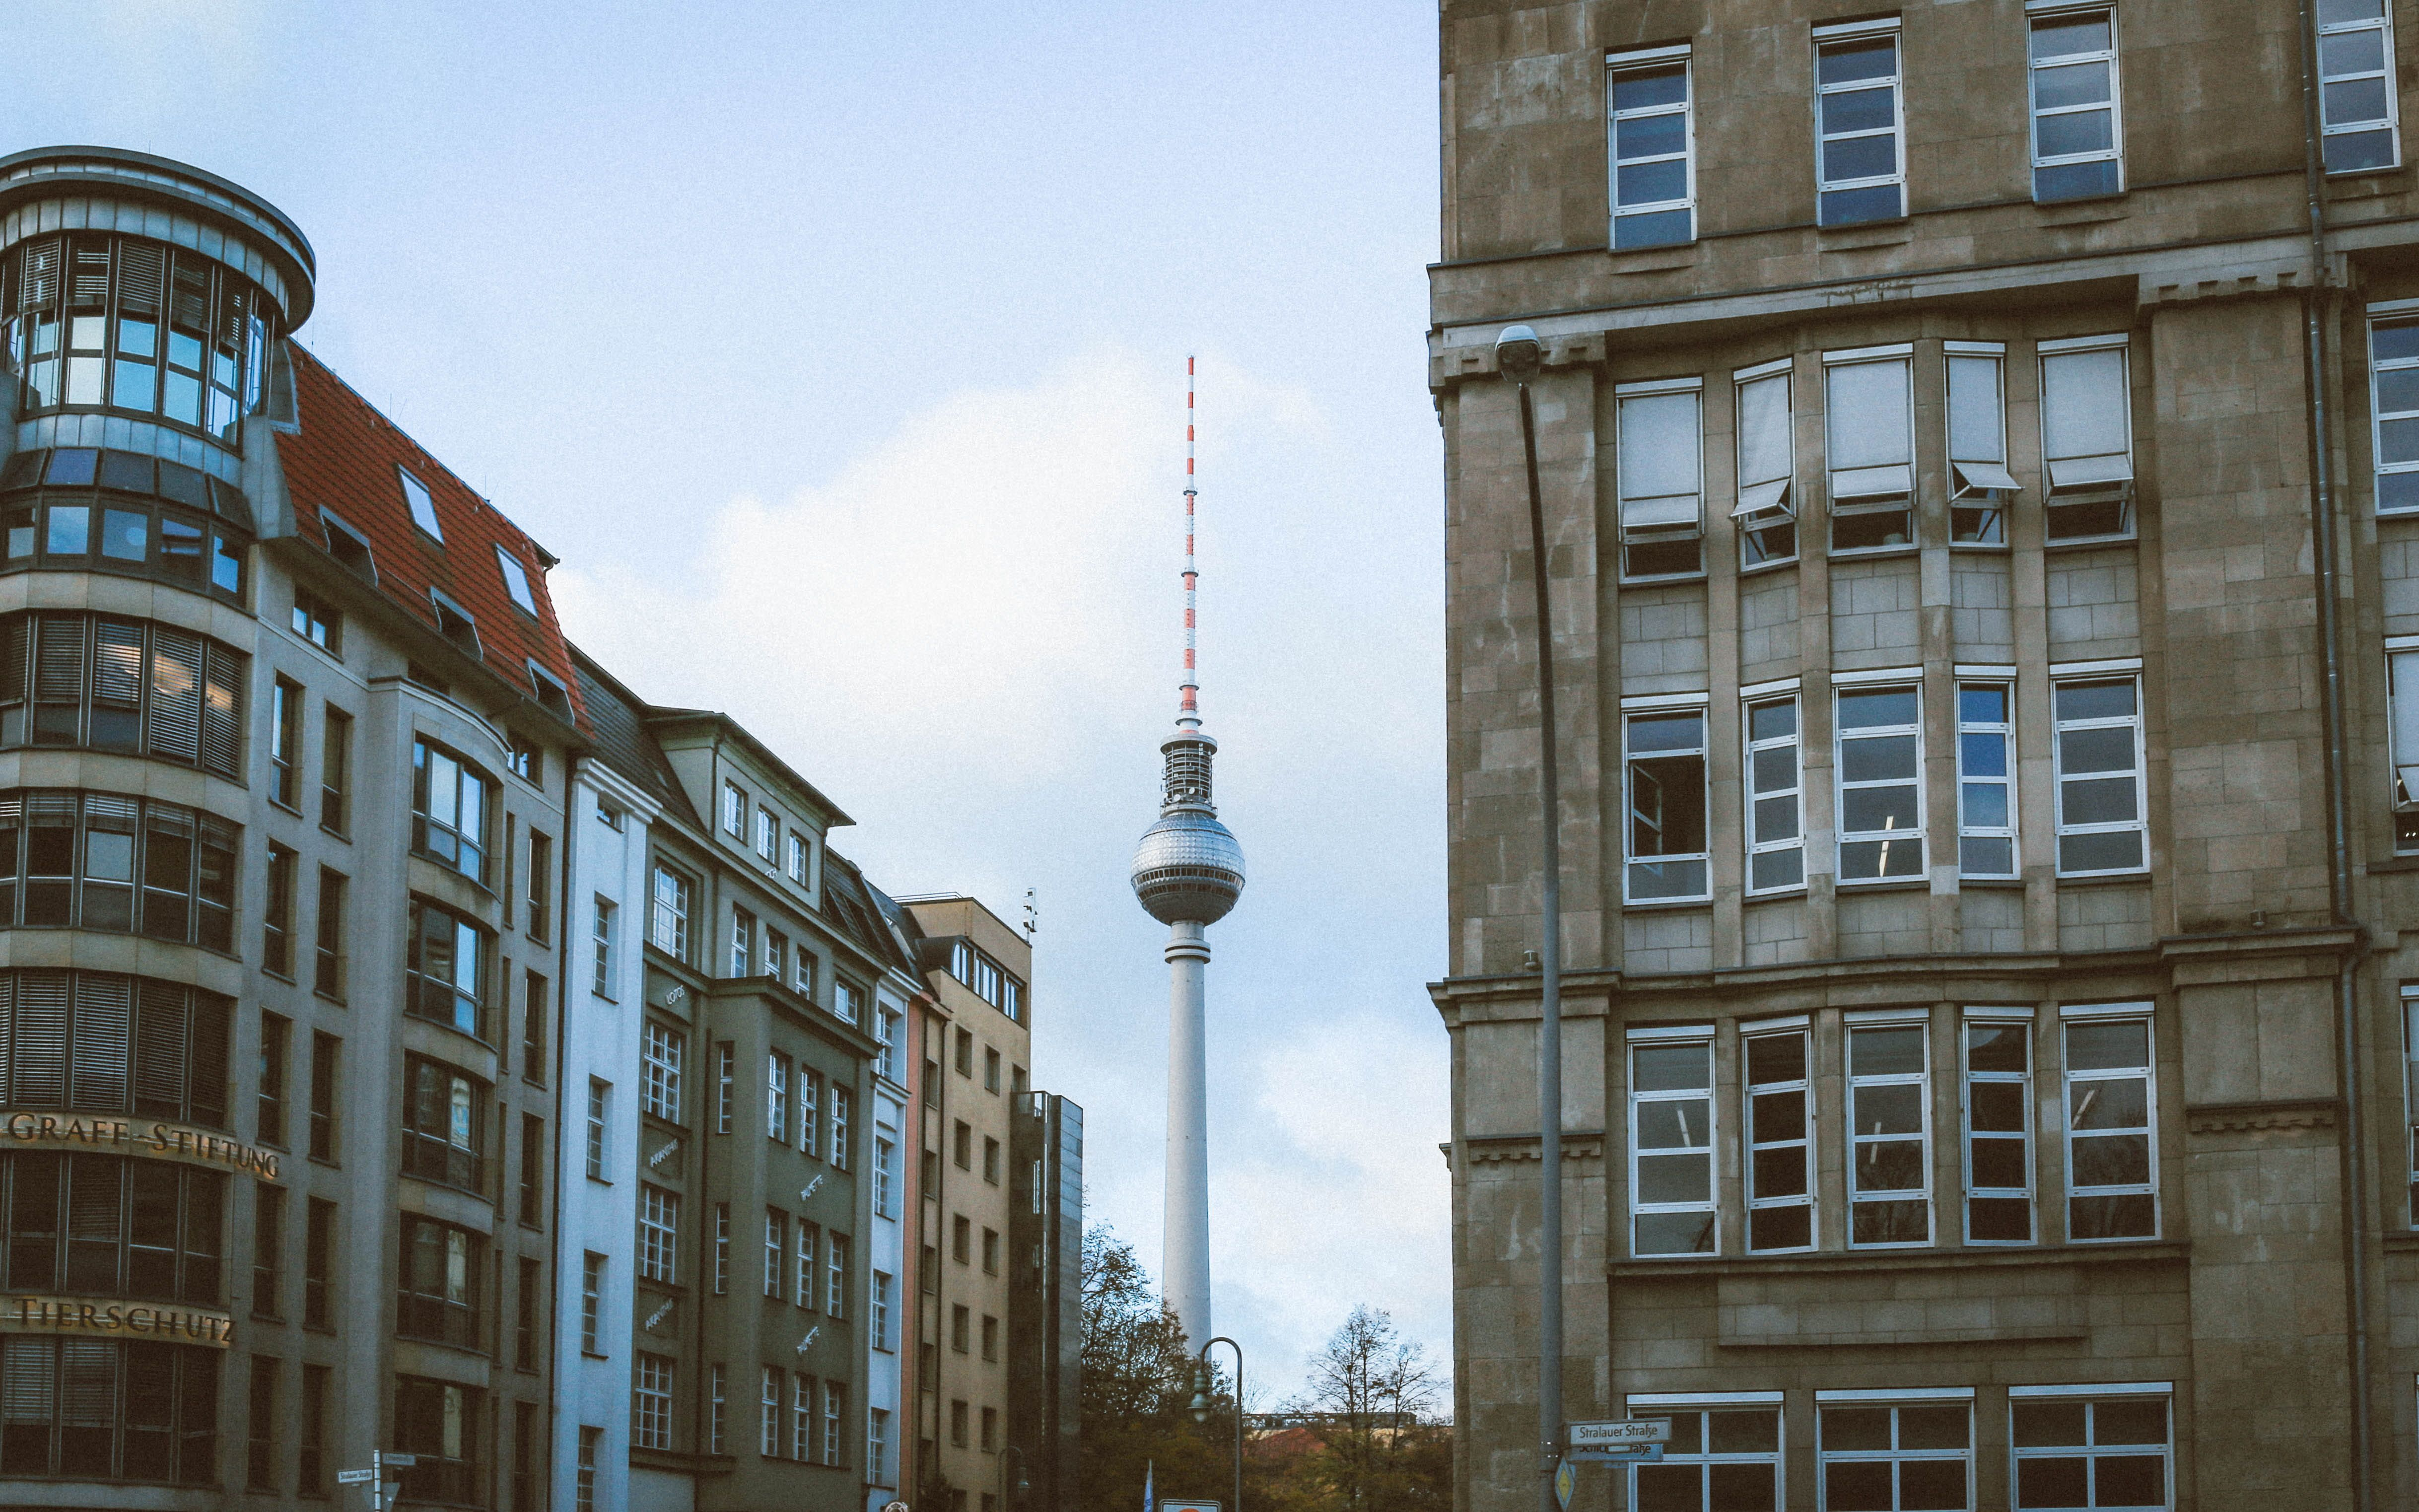 Fernsehturm Berlin Berlin Tv Tower Alexanderplatz Mitte Architecture Modern View City 4k Wallpaper Hdw In 2020 Berlin Desktop Wallpaper Macbook Hd Wallpaper